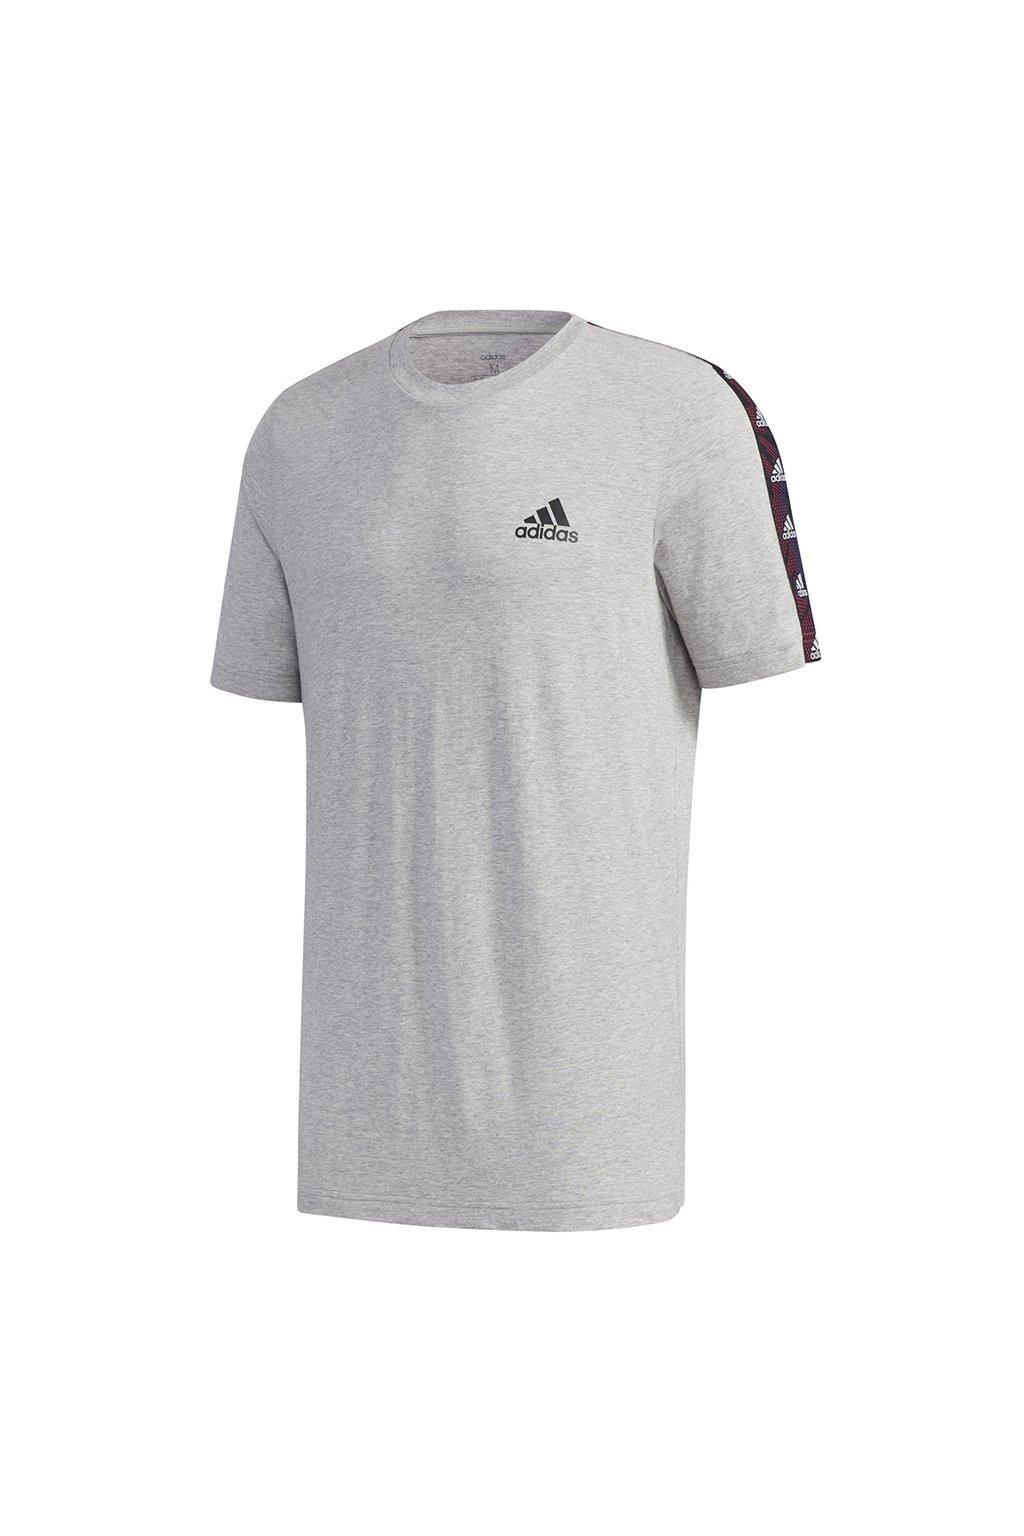 Pánske tričko adidas Essentials Tape sivé GD5442